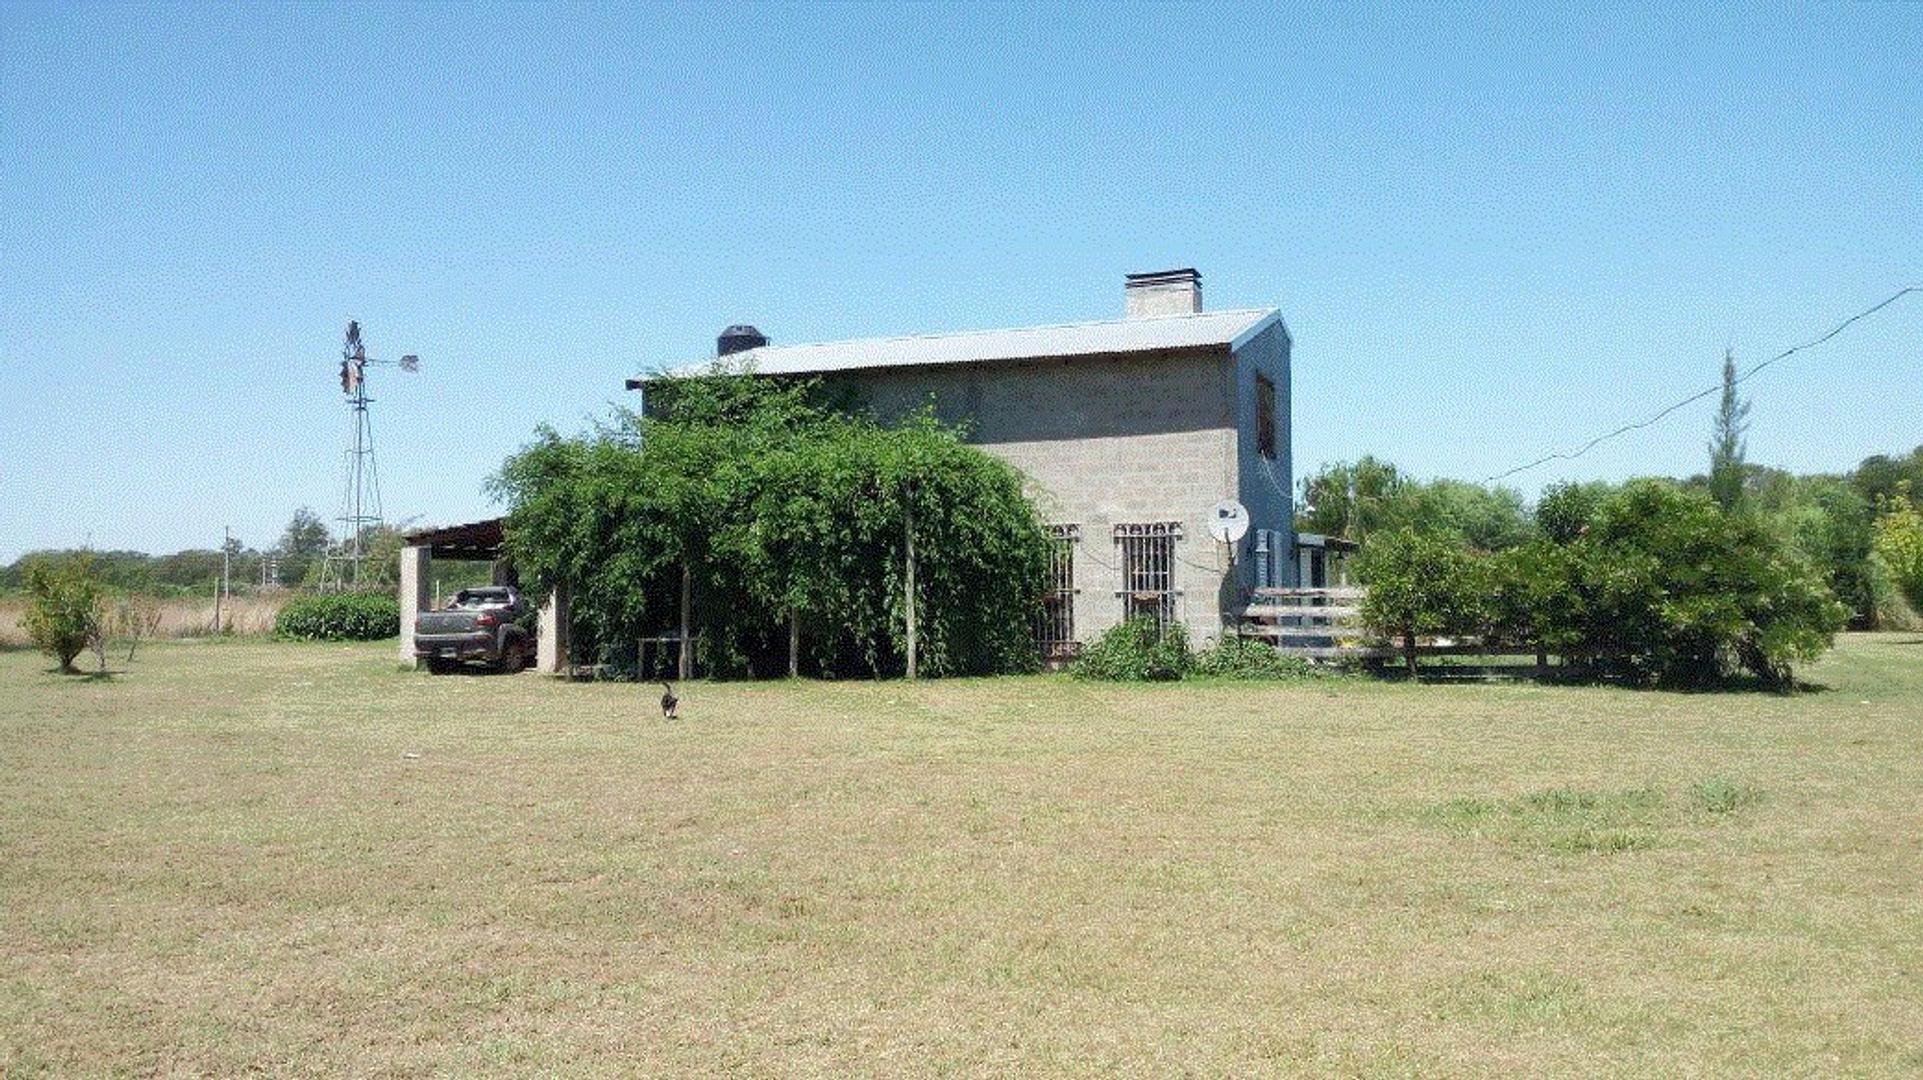 DUEÑA vende casa quinta-campo en 1,2 hectareas muy buen estado